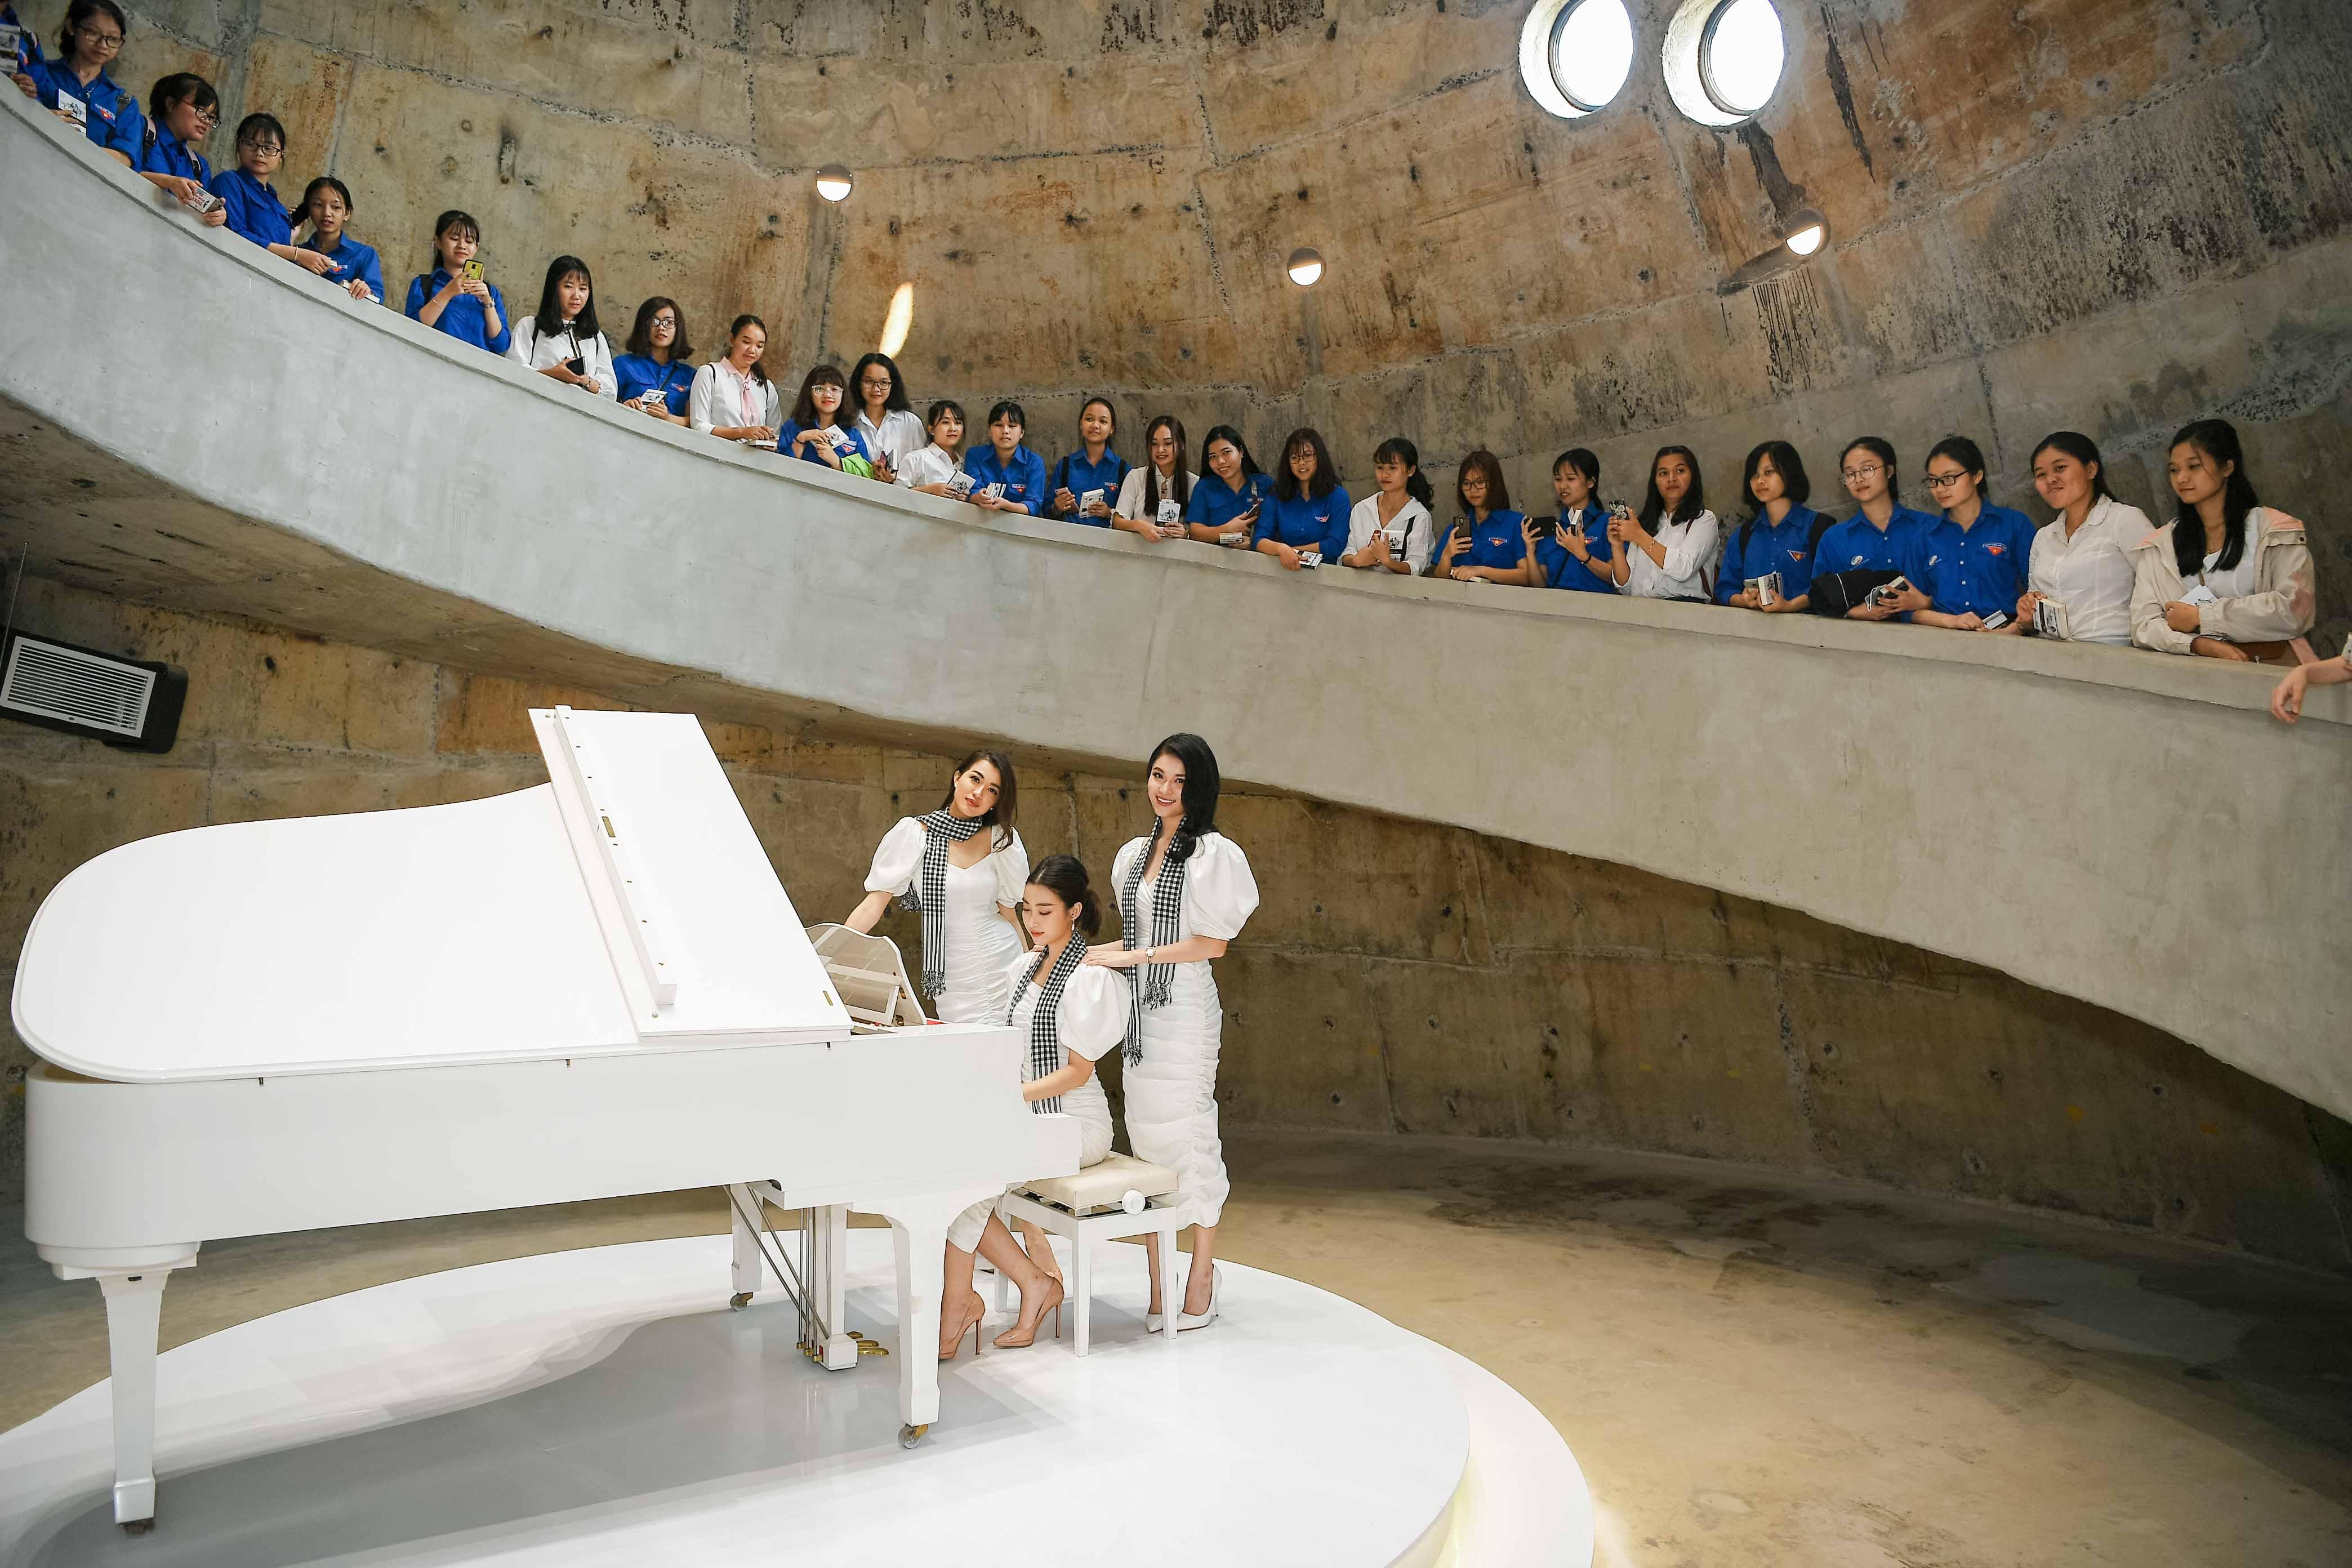 Hoa hậu Mỹ Linh đọ sắc cùng hai Á hậu bên siêu xe của ông Đặng Lê Nguyên Vũ 8